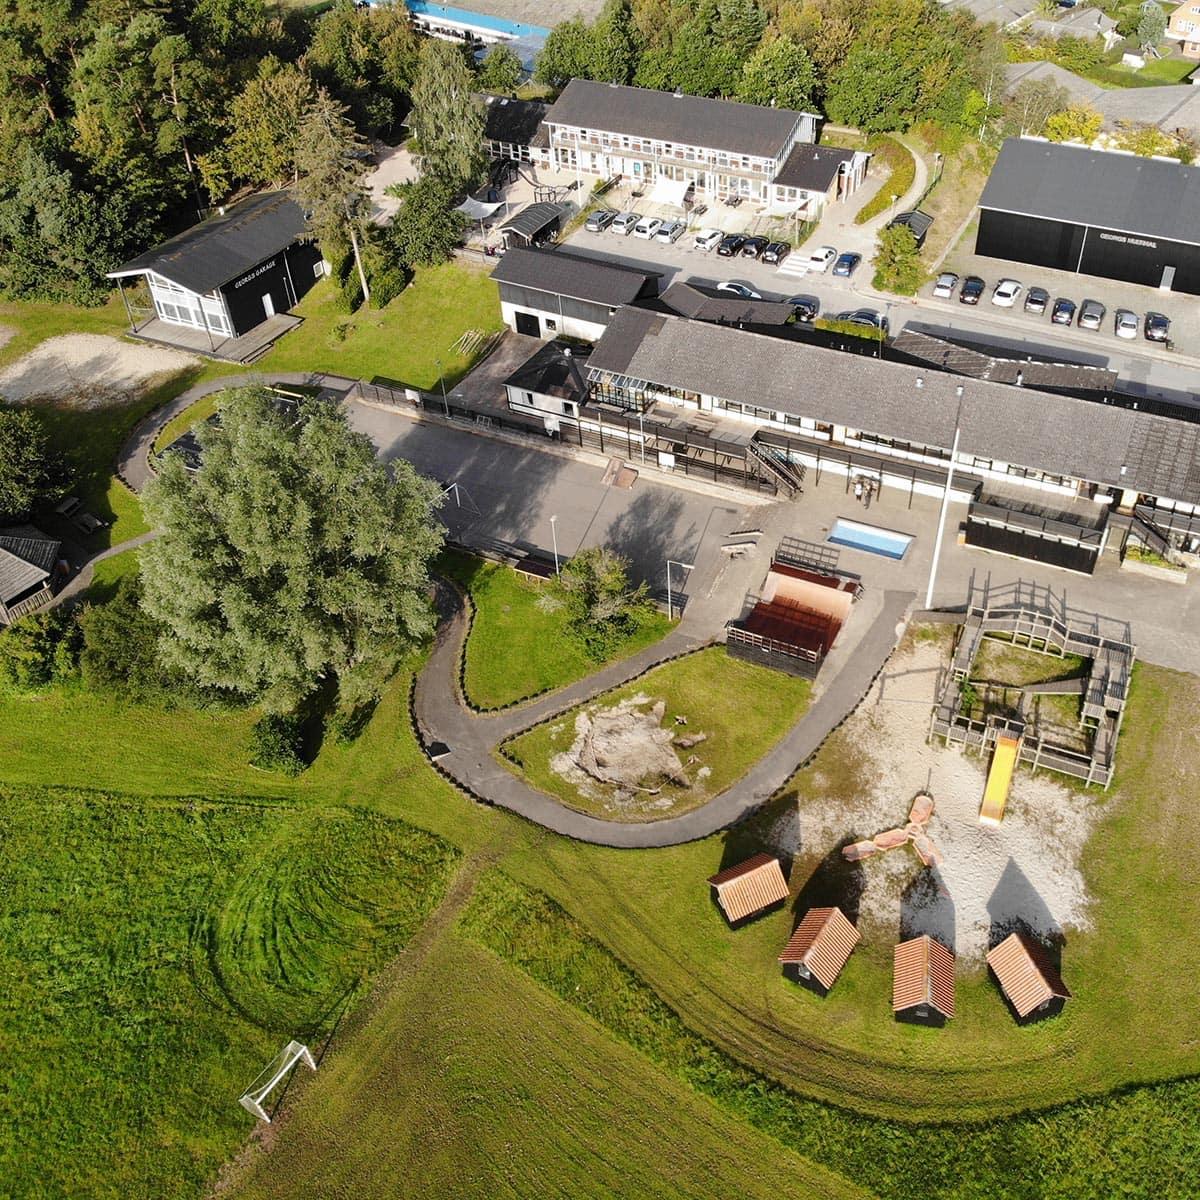 Sct. Georgsgården i Skanderborg Børne- og Ungdomscenter